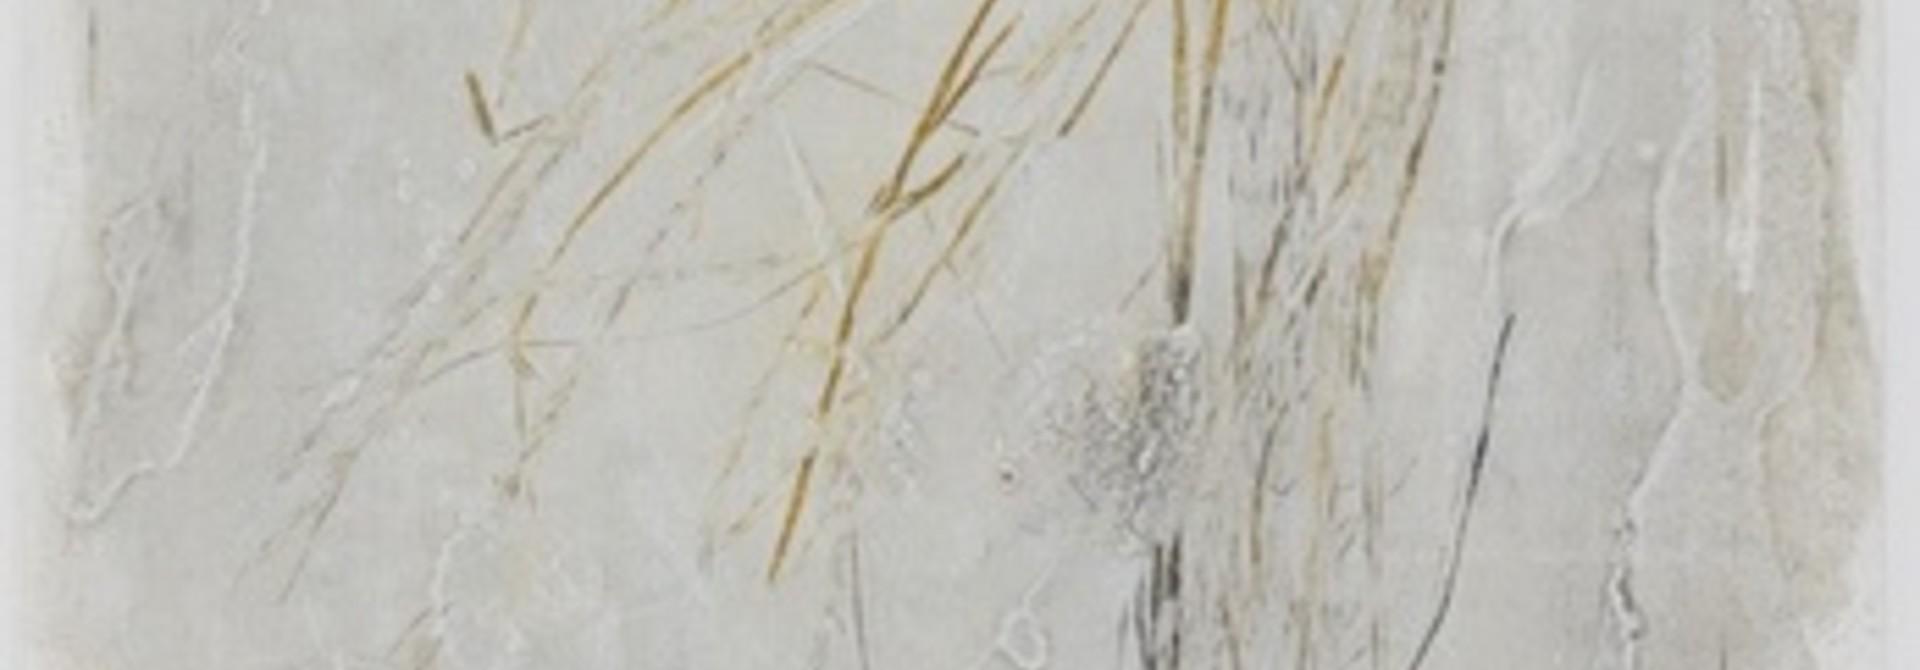 Agropyron spicatum